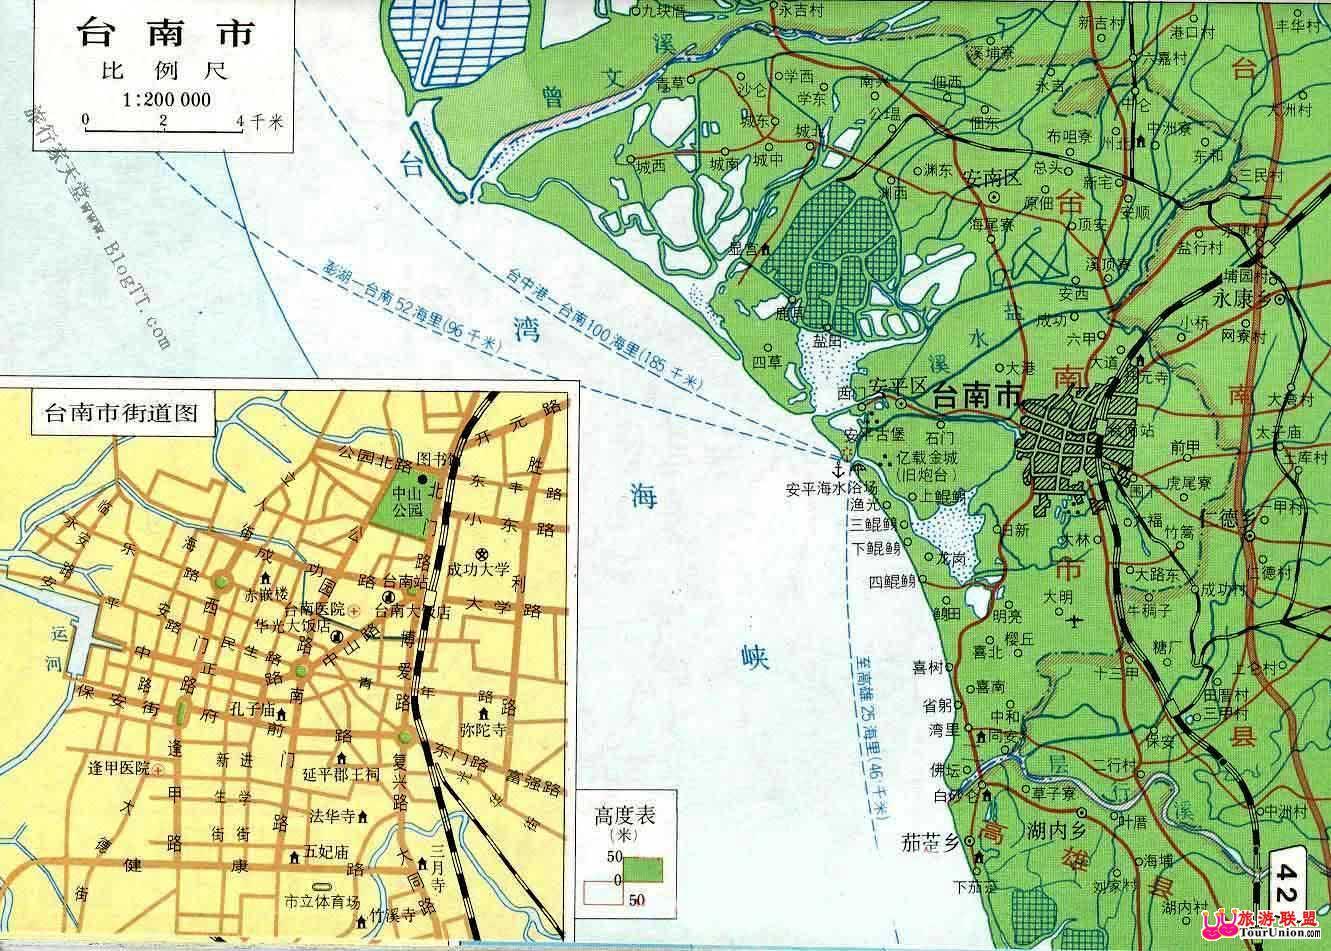 东山乡以山区地形为主,急水溪流贯乡境,全乡均为急水溪新营净水场之